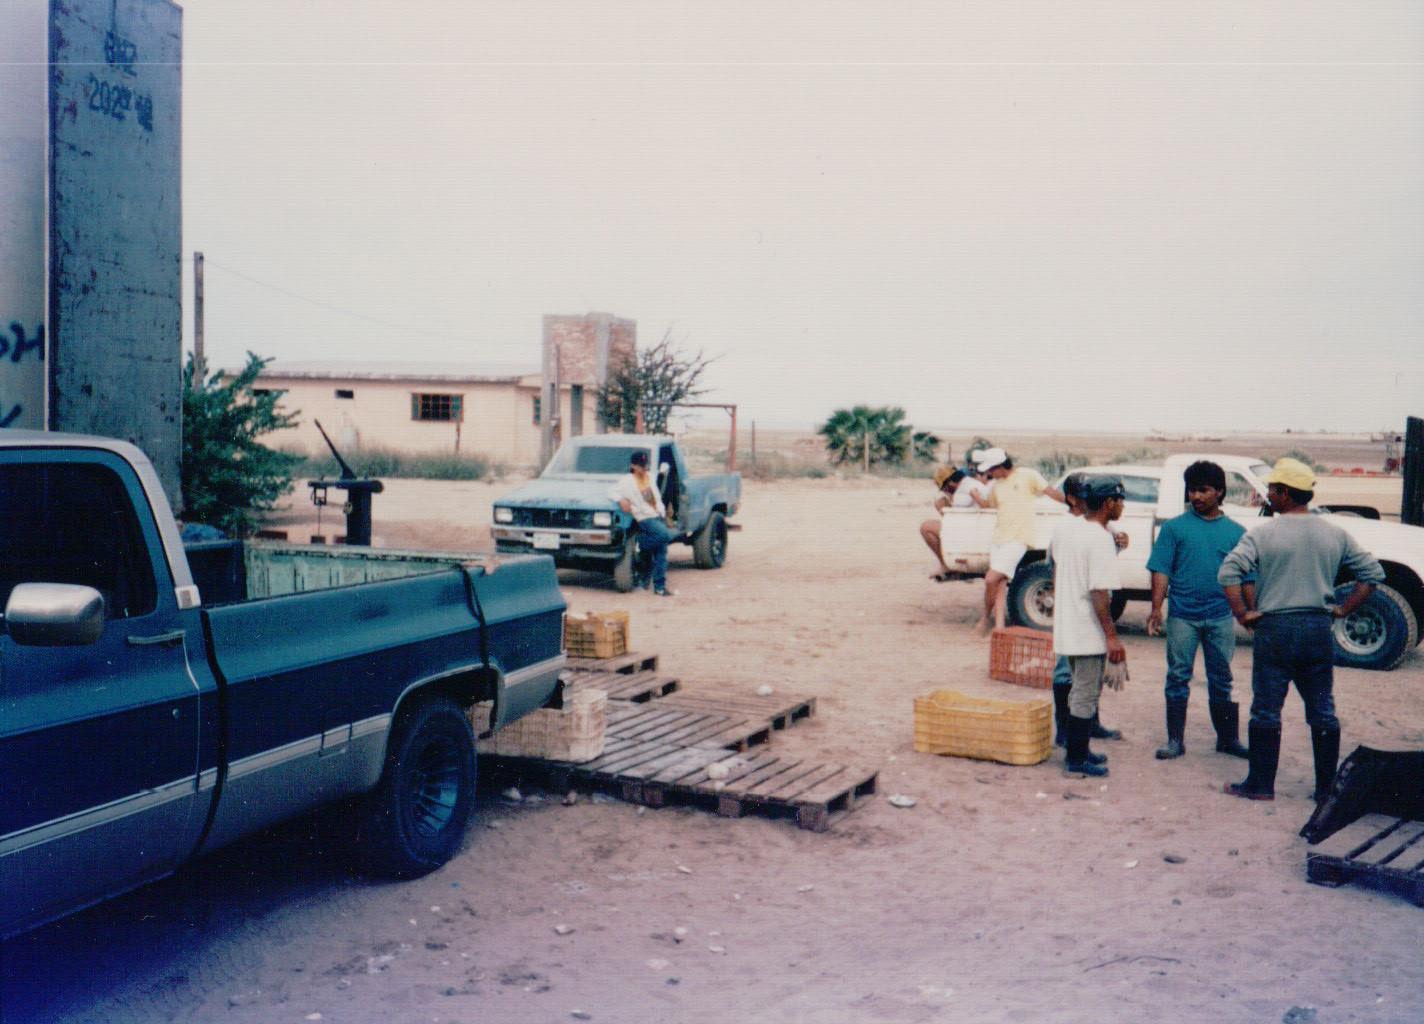 Commercial fish buyers, El Golfo de Santa Clara, Sonora, Mexico